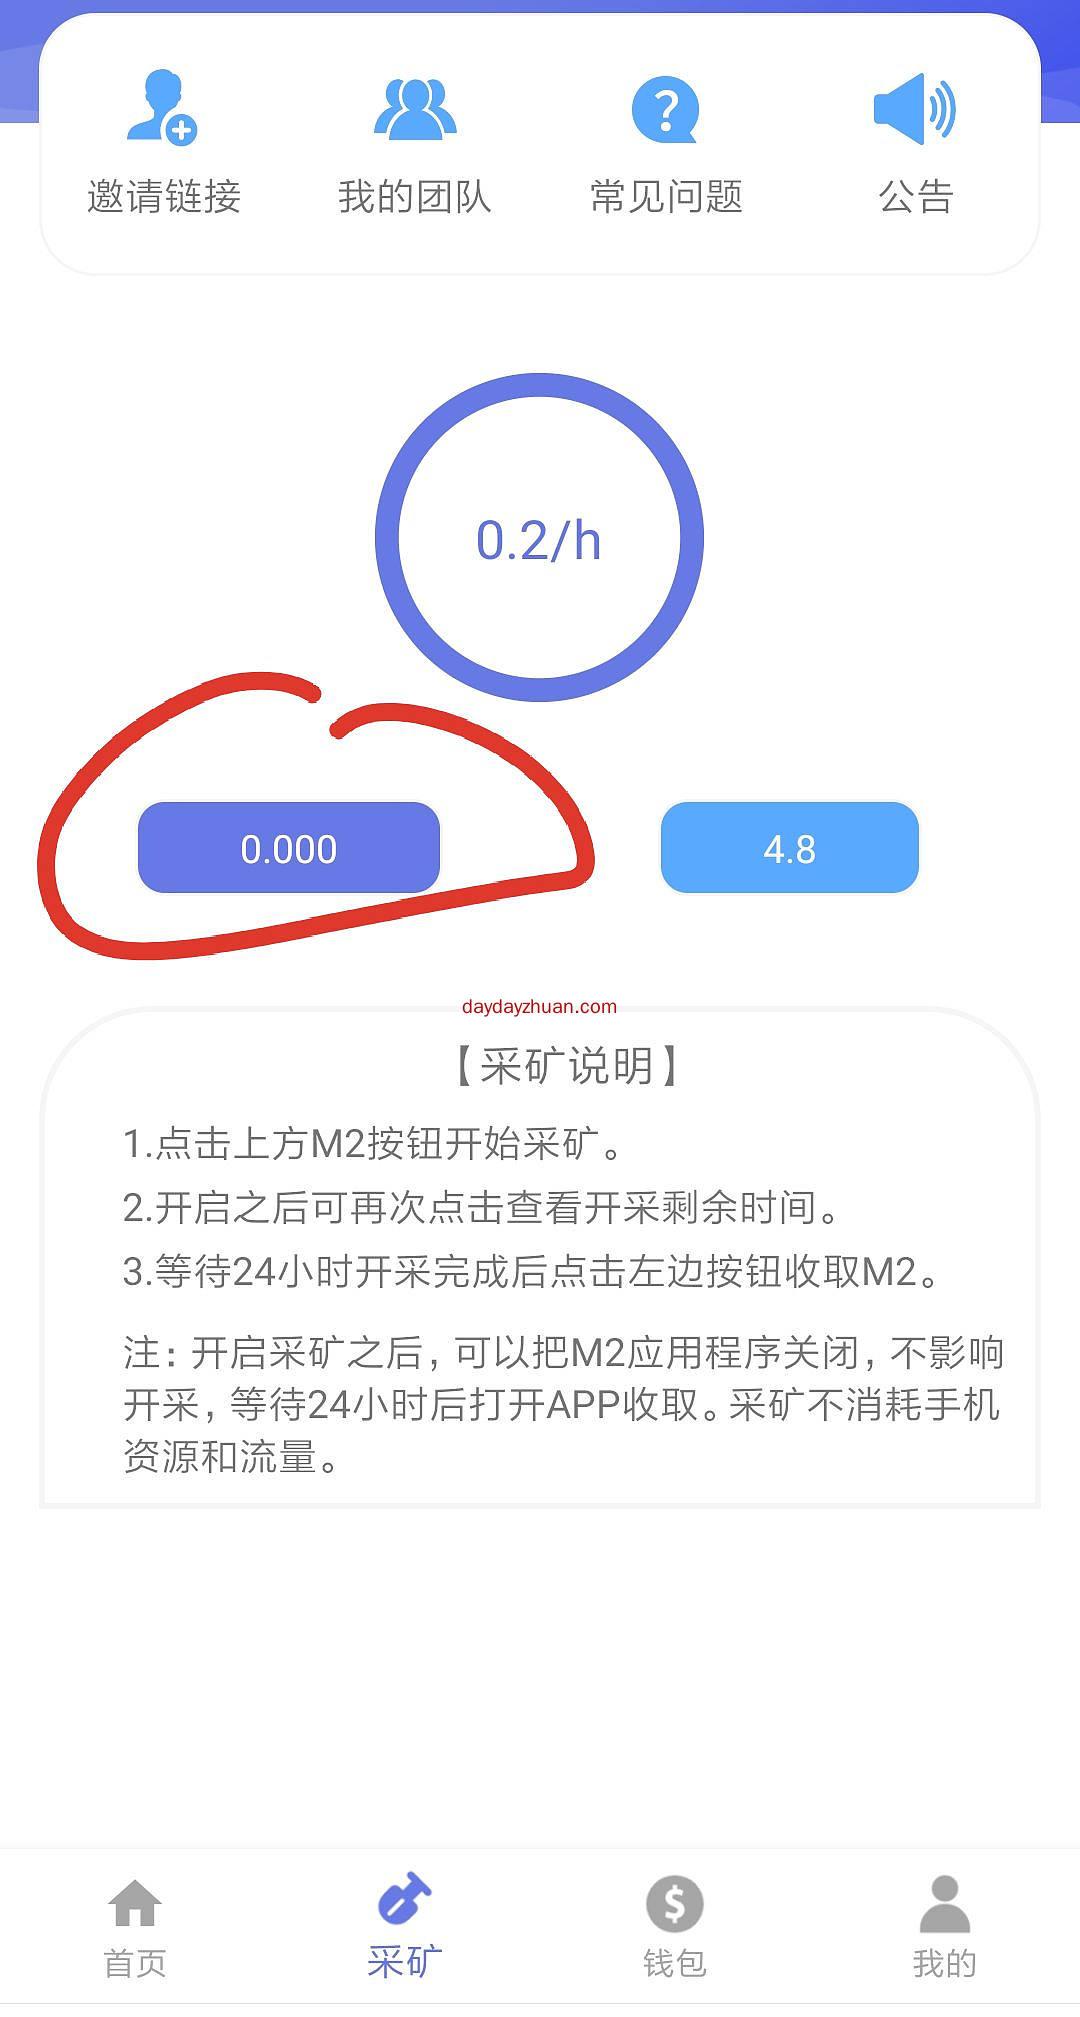 m2,pi币模式,注册即可每天点一下挖矿4.8个,不需要实名  第3张